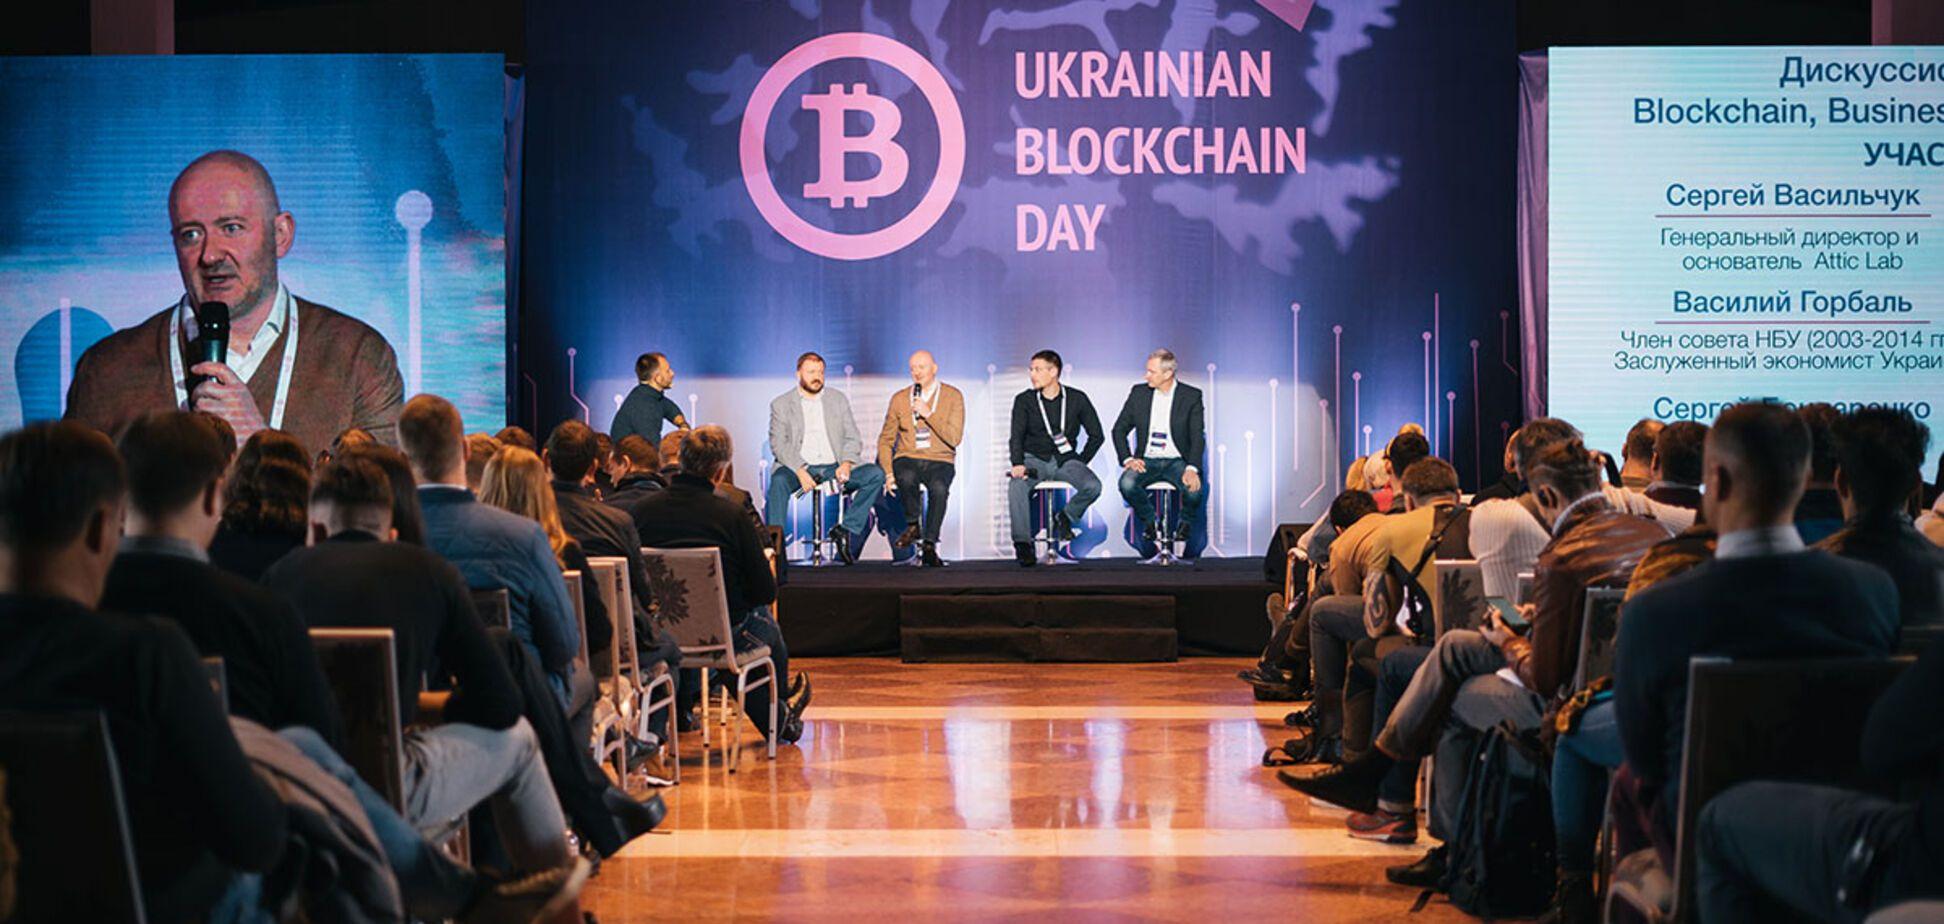 25 марта состоится самый масштабный в Украине форум о криптовалюте, майнинге и блокчейн технологиях Ukrainian Blockchain Day